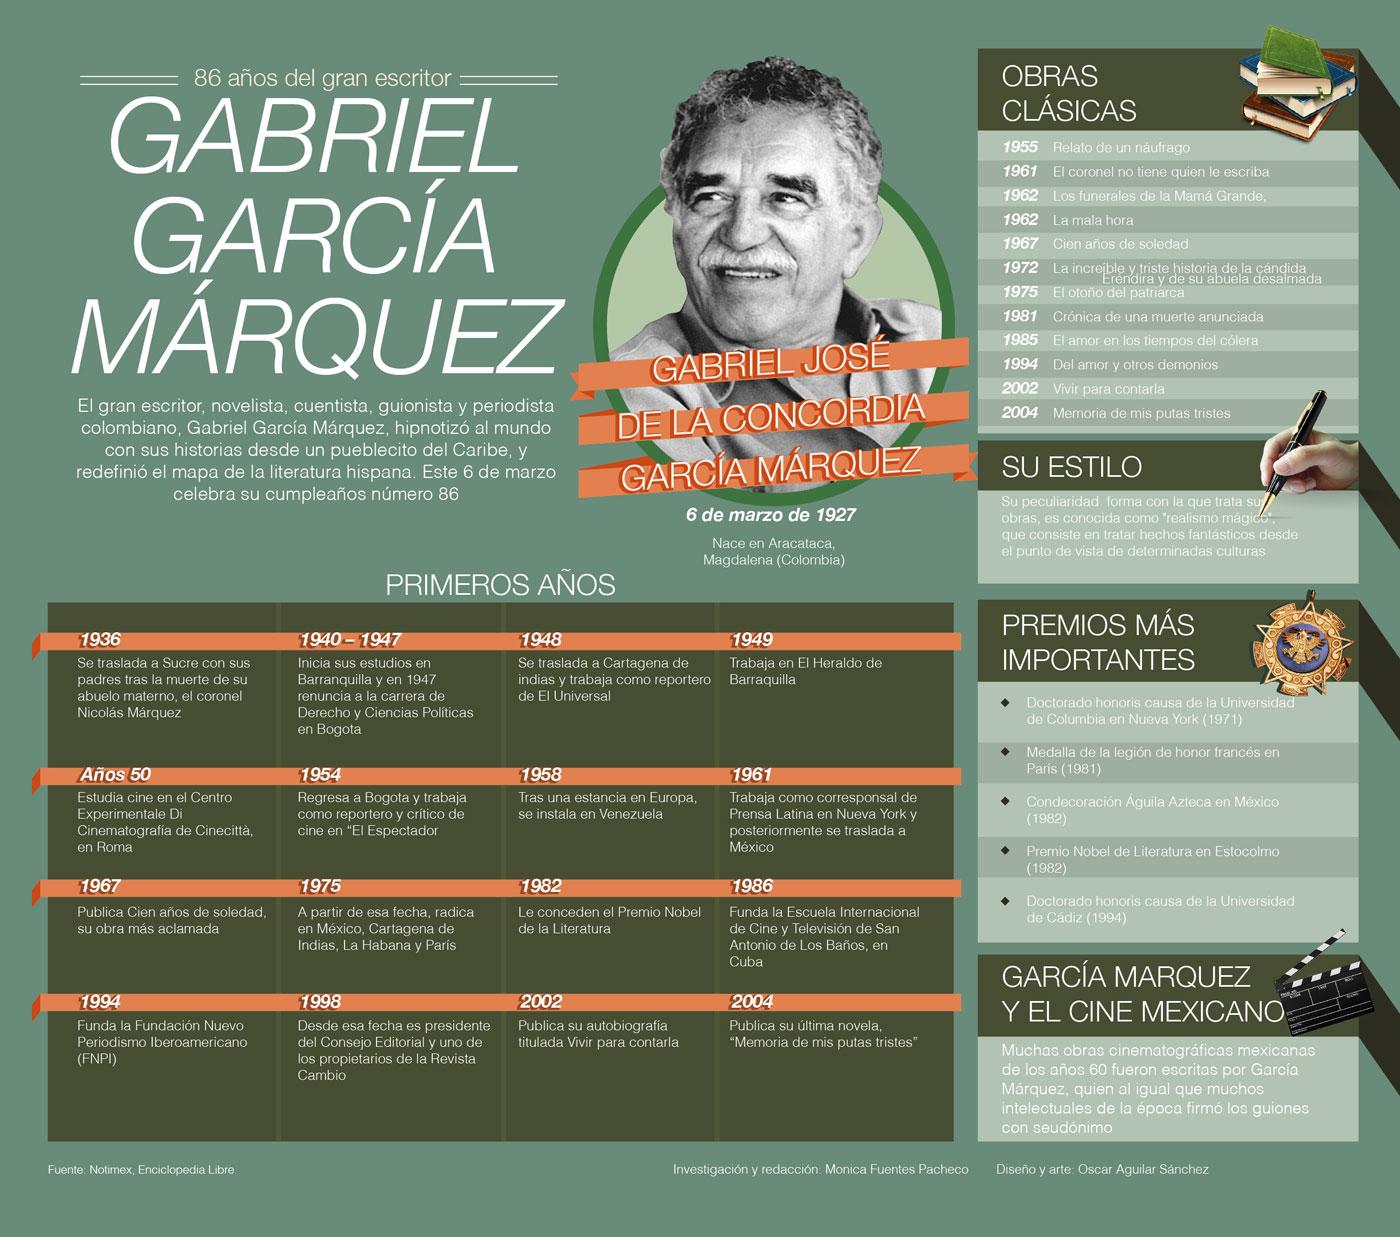 ¡Feliz cumpleaños Gabriel García Márquez!